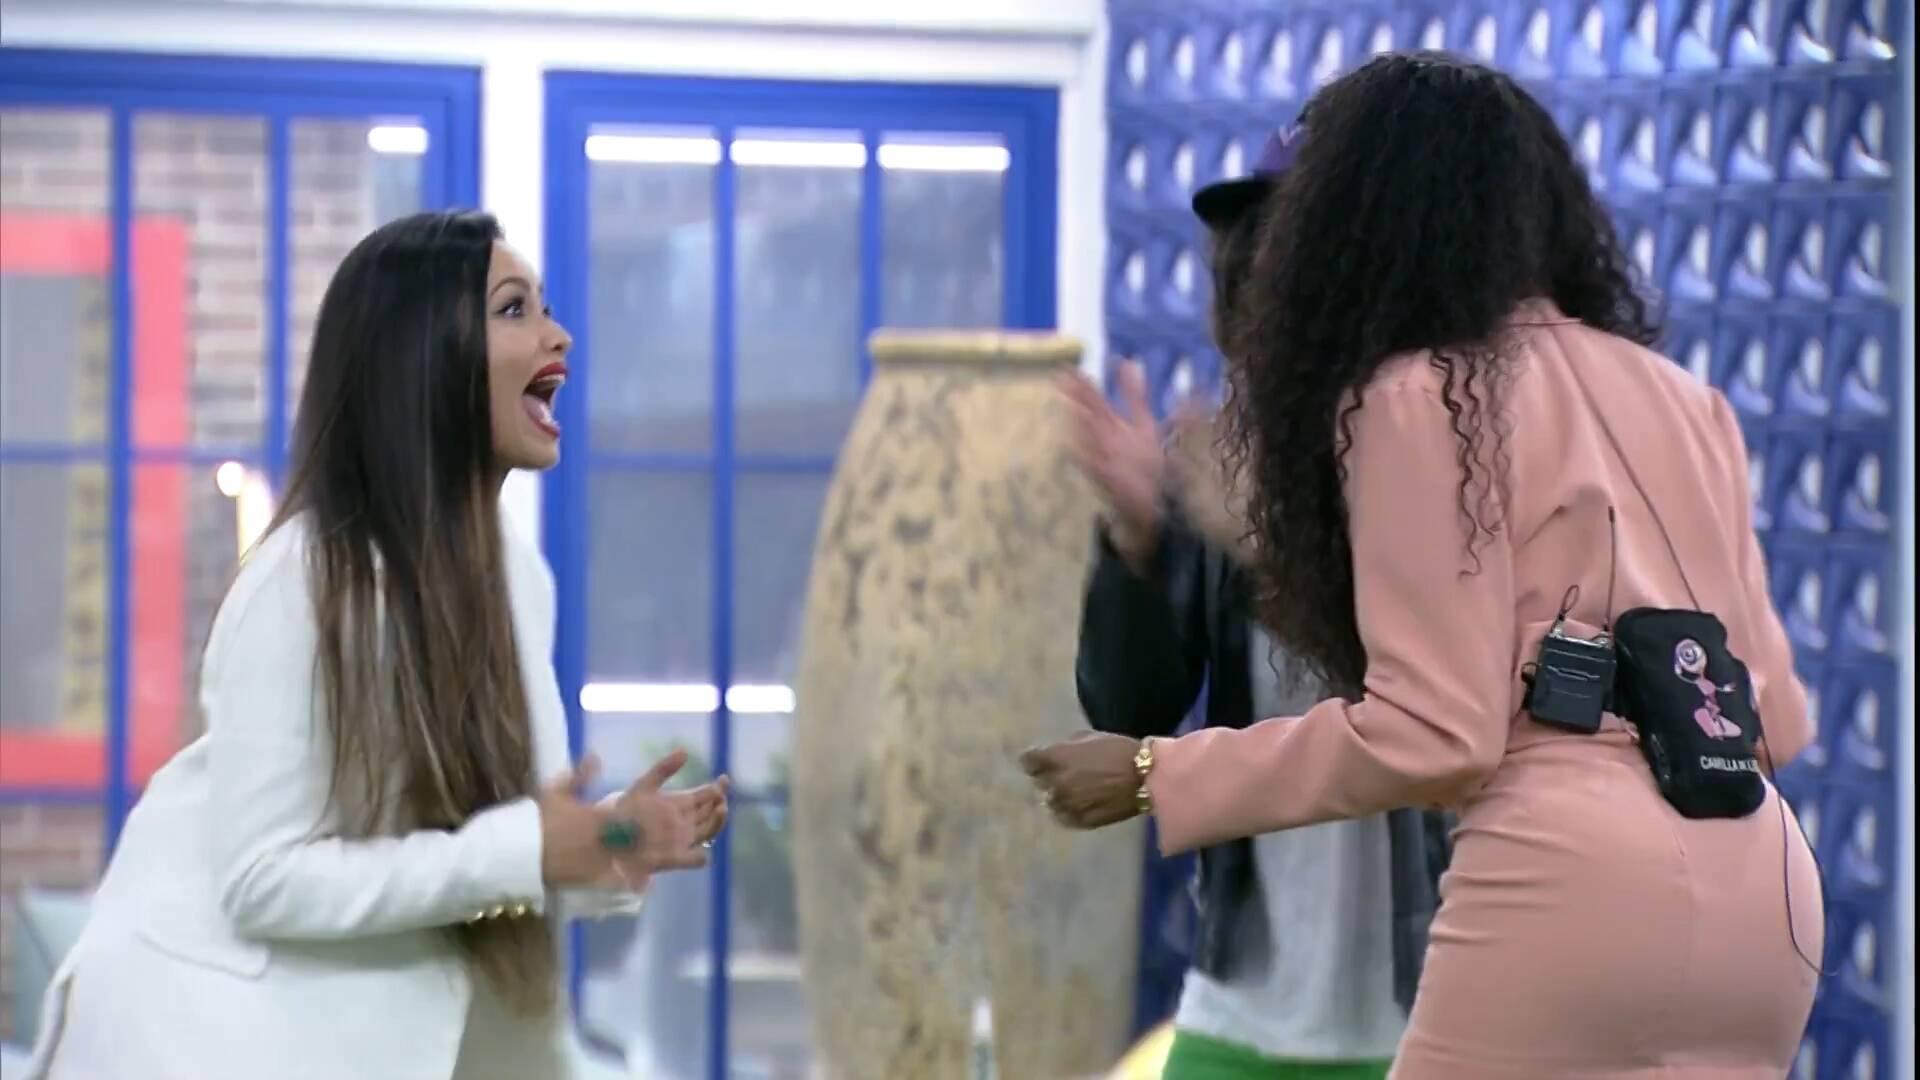 Os três se abraçaram e gritaram (Foto: Reprodução/Globo)